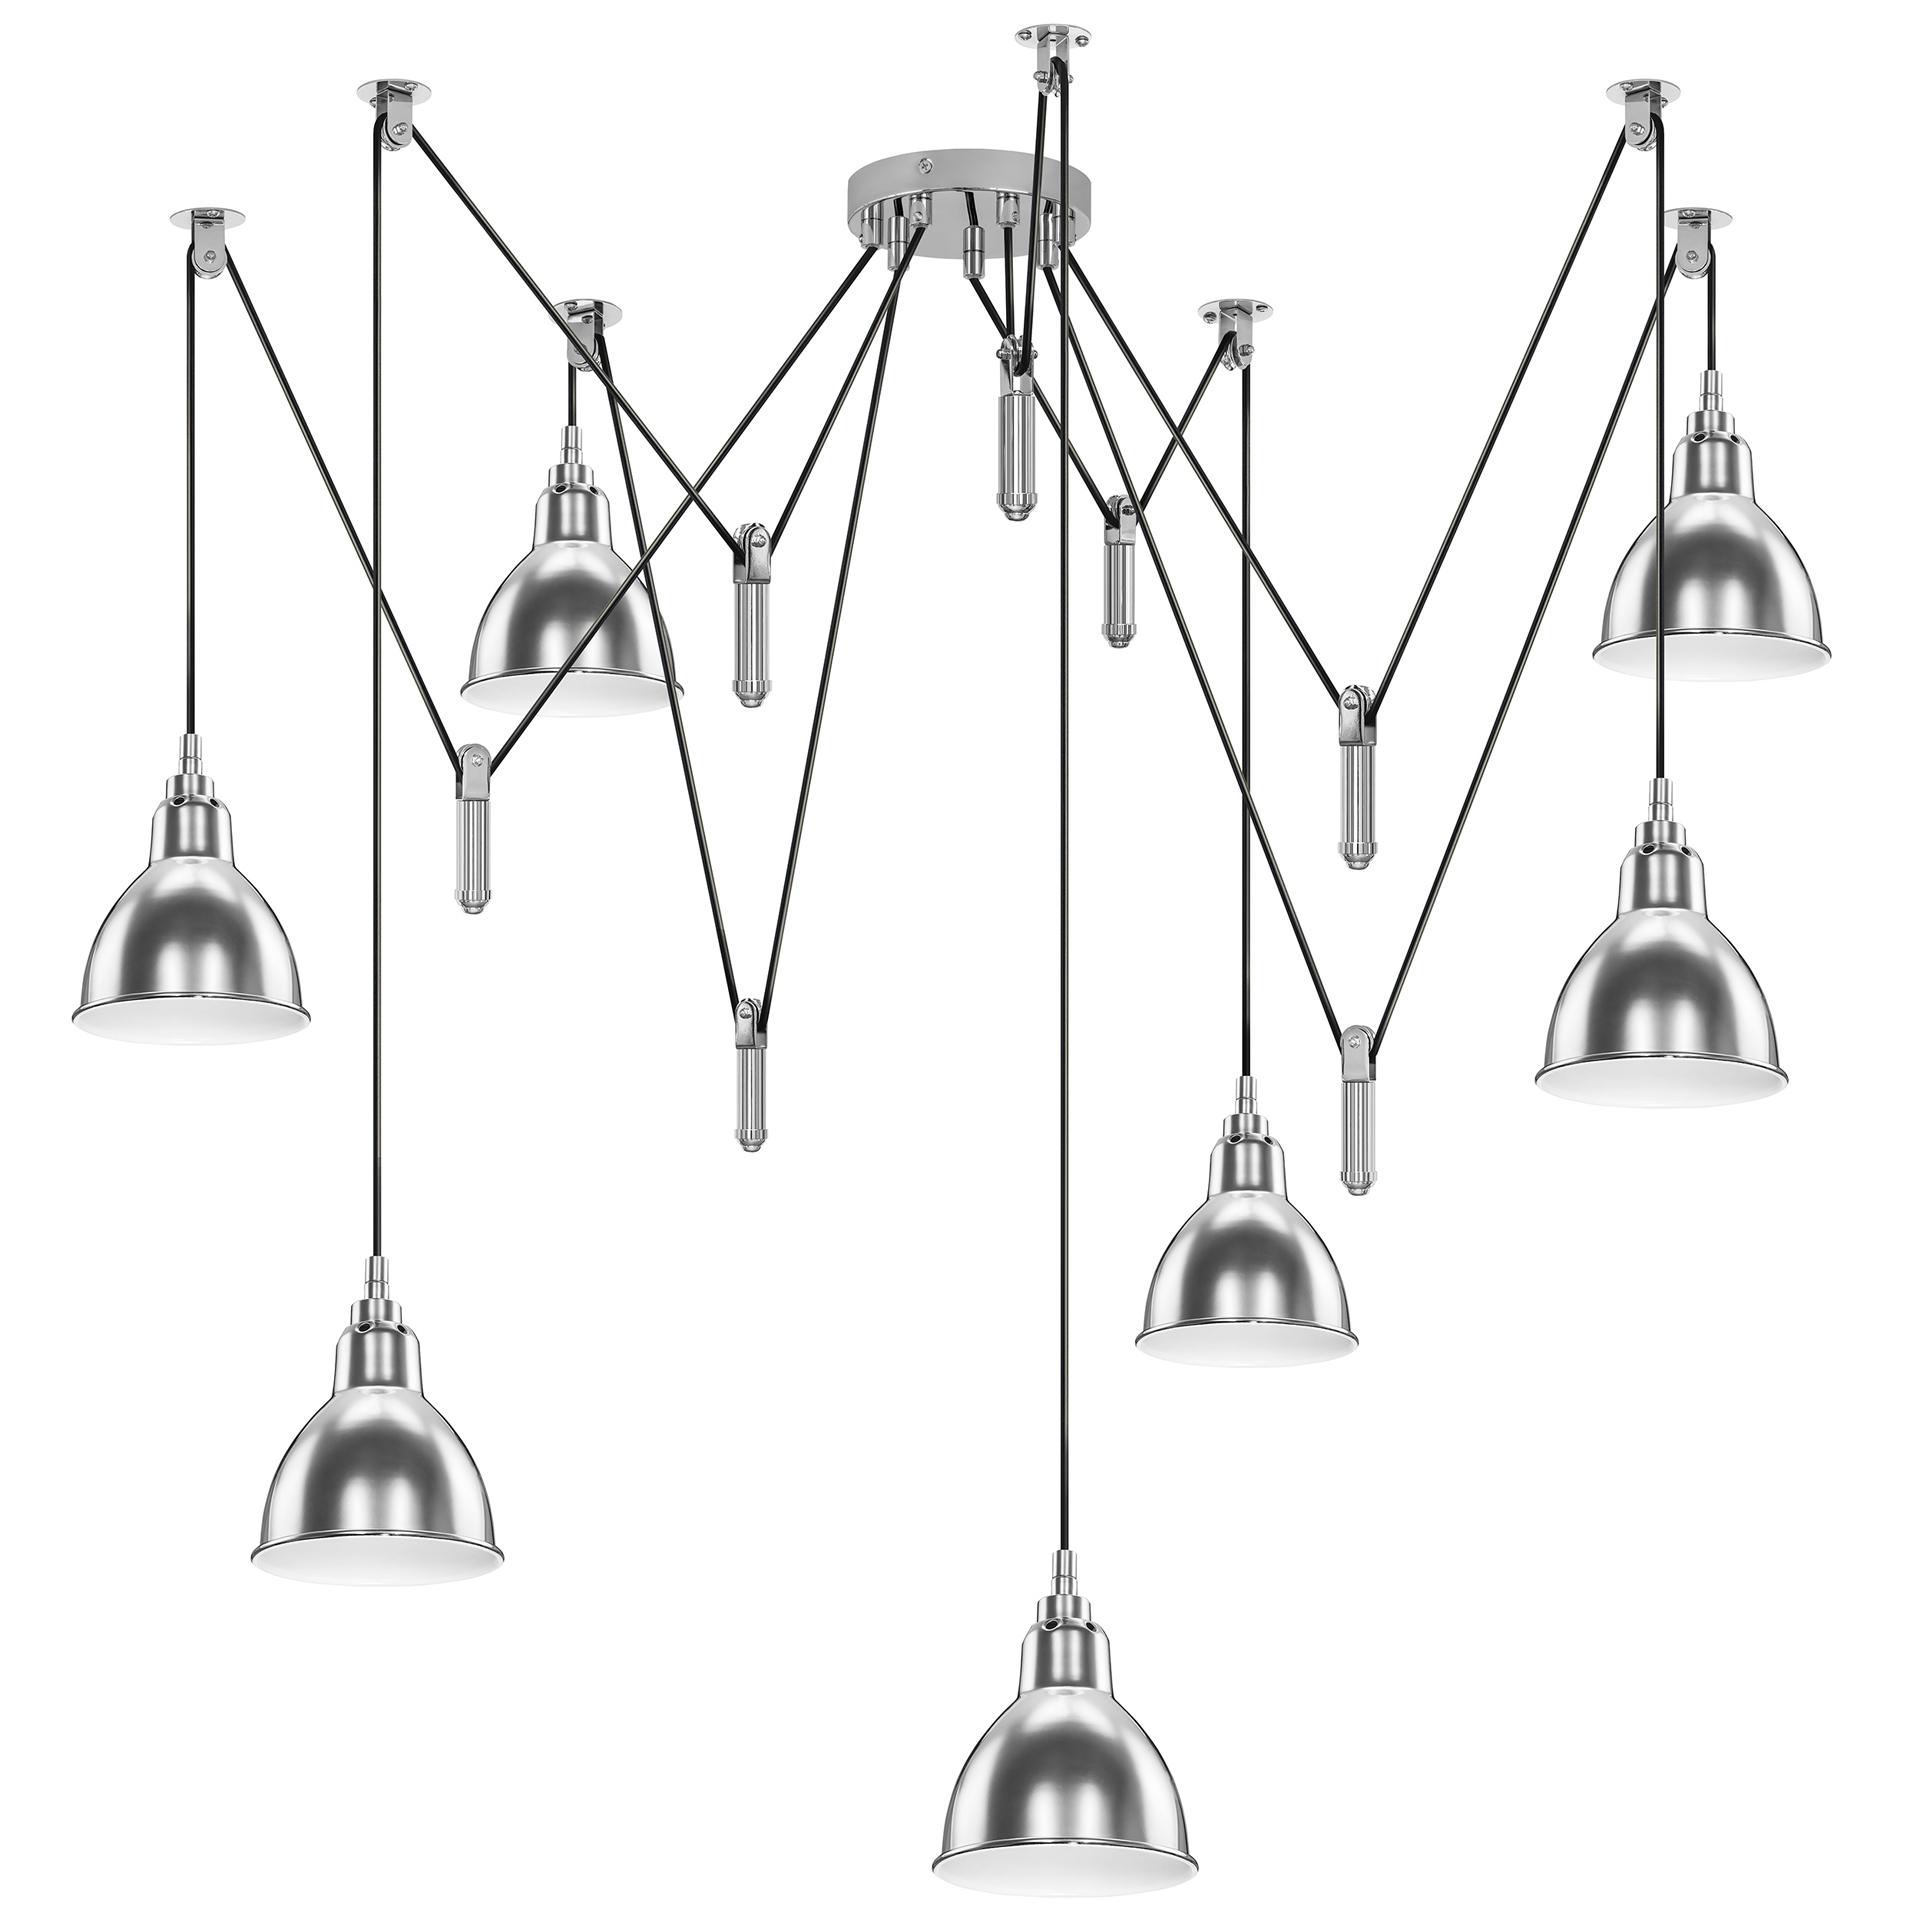 Люстра подвесная ACROBATA 7x40W E14 хром Lightstar 761074, купить в СПб, Москве, с доставкой, Санкт-Петербург, интернет-магазин люстр и светильников Starlight, фото в жизни